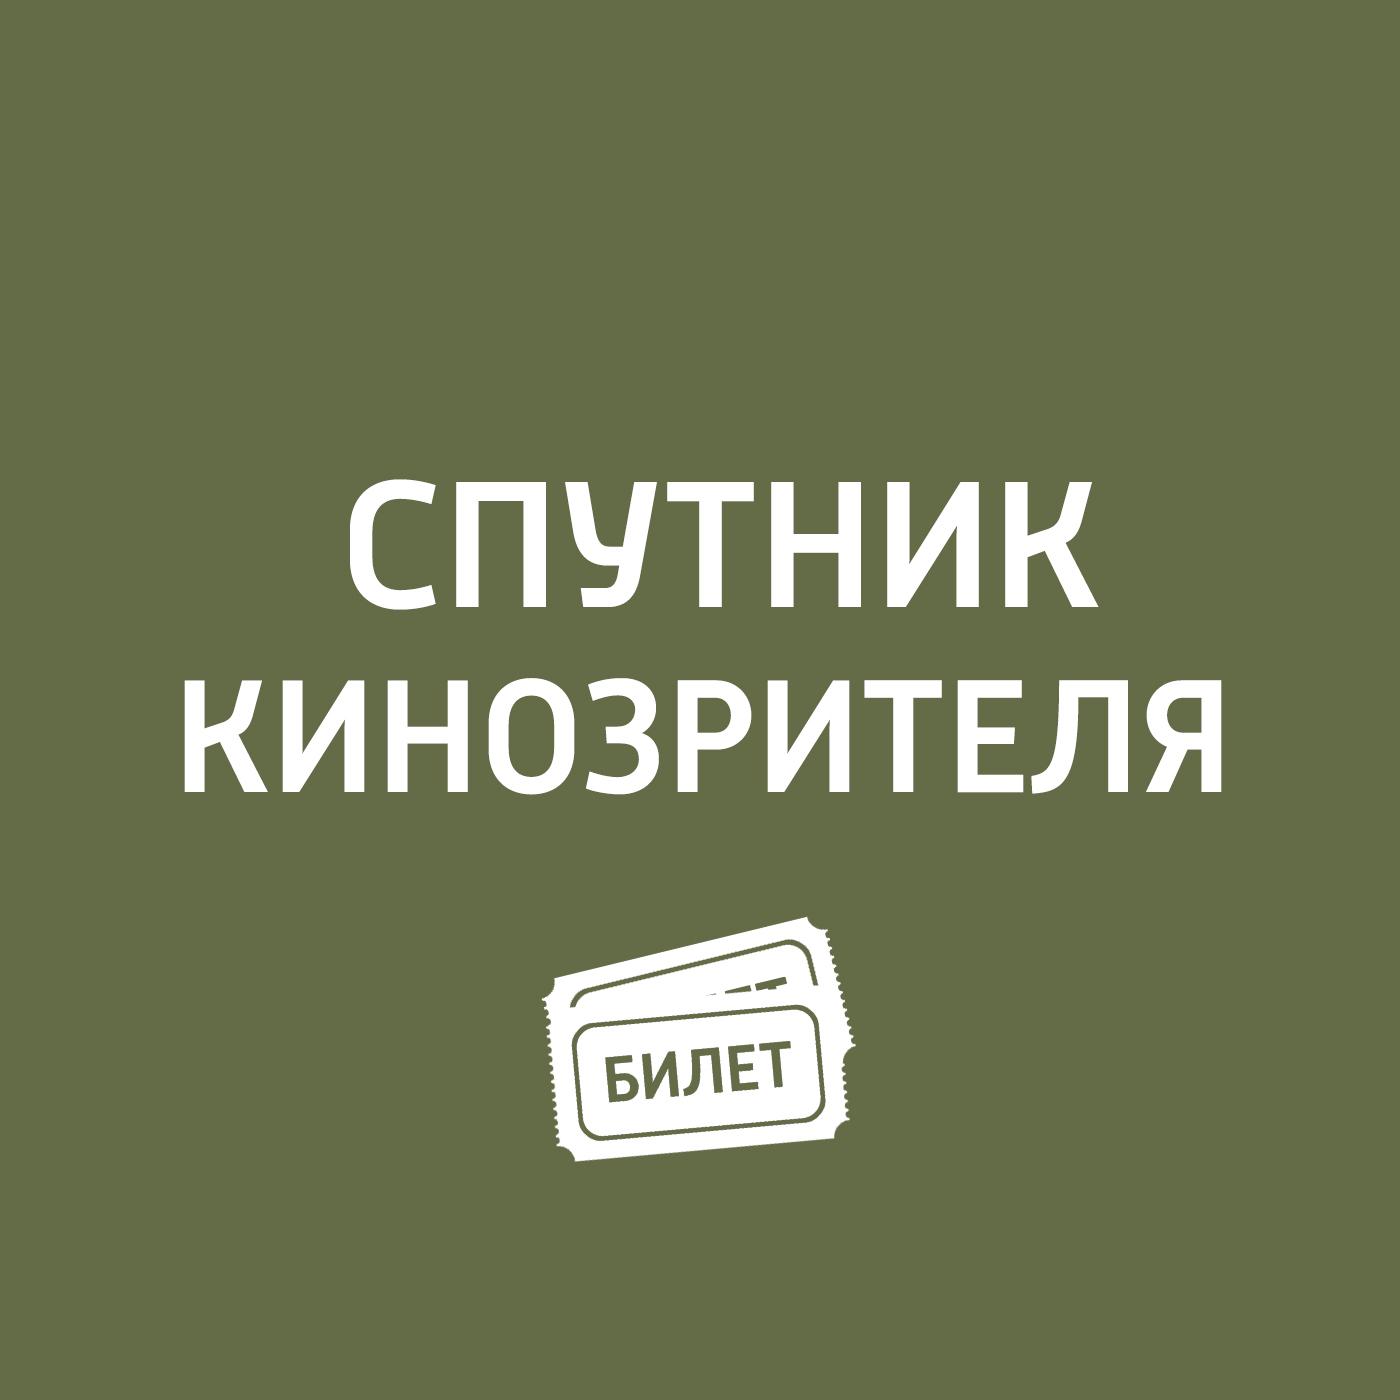 Антон Долин Риддик, «Лимб, «Интимные места мачете риддик ворсма